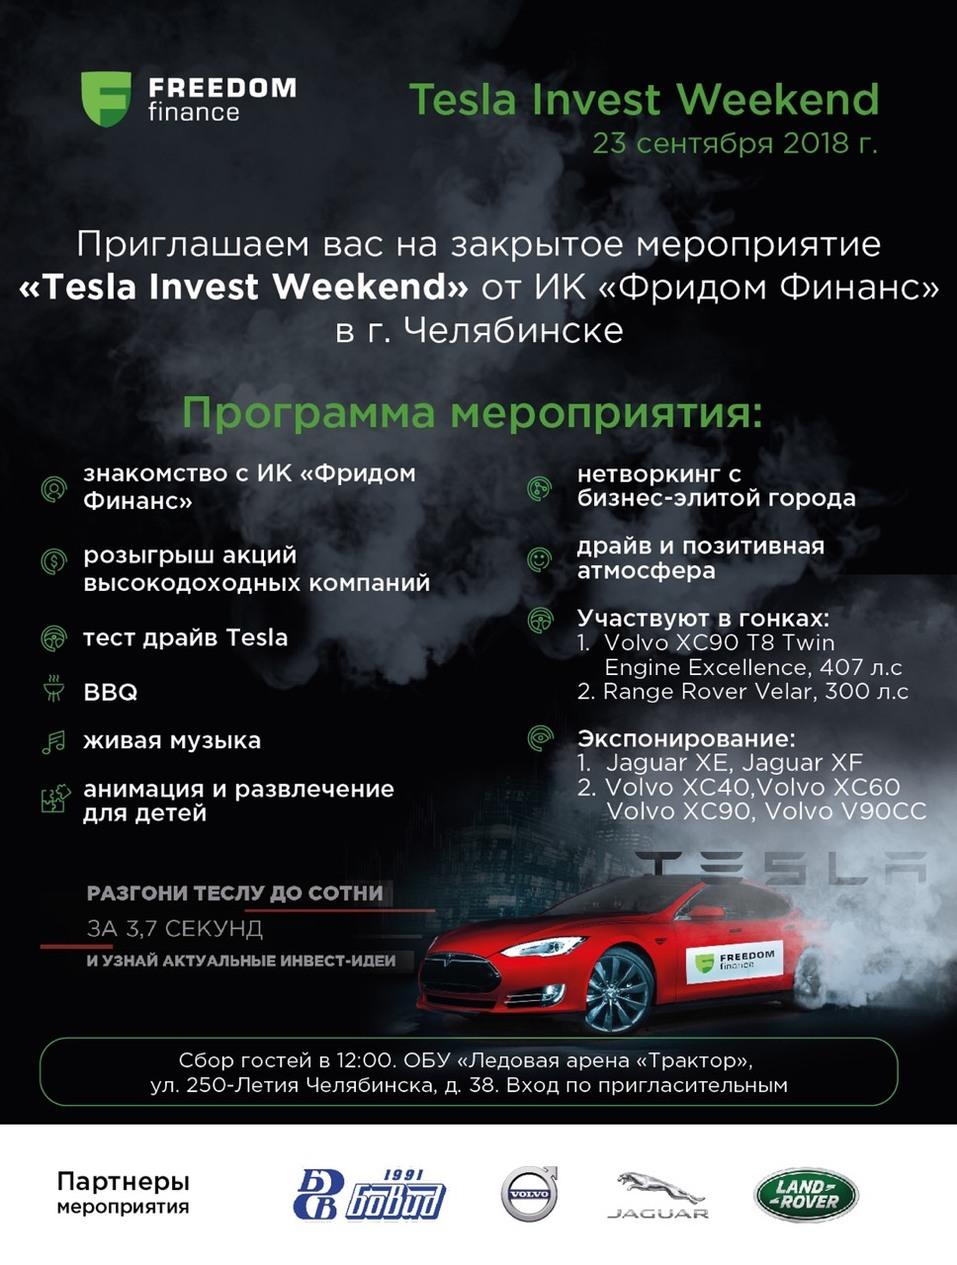 В Челябинске пройдут тест-драйвы электрокаров. К участию в шоу приглашены бизнесмены   1